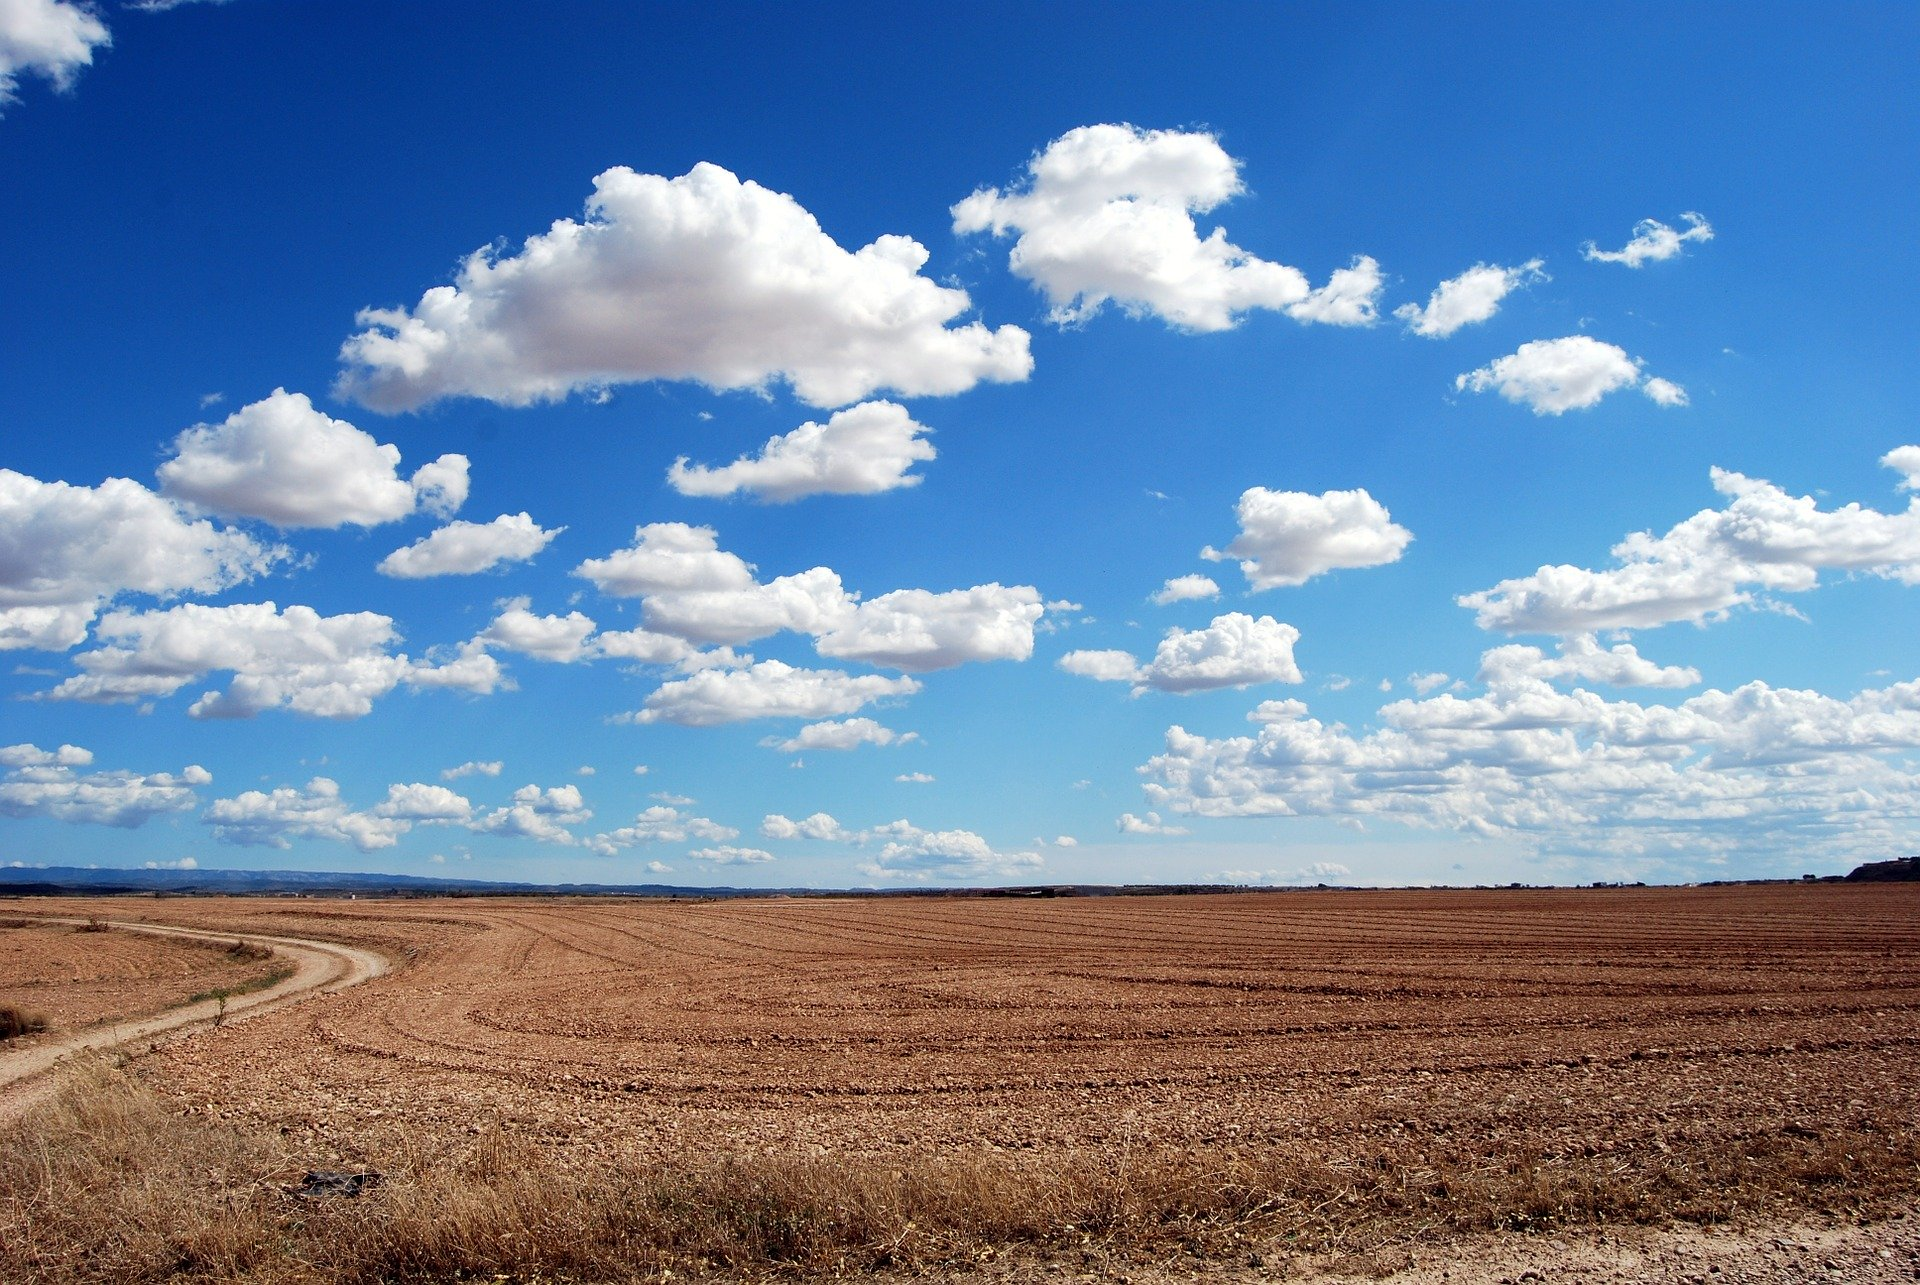 Cumuluswolken sind einzeln und meisten strahlend weiß, wenn sie von der Sonne beschienen werden.